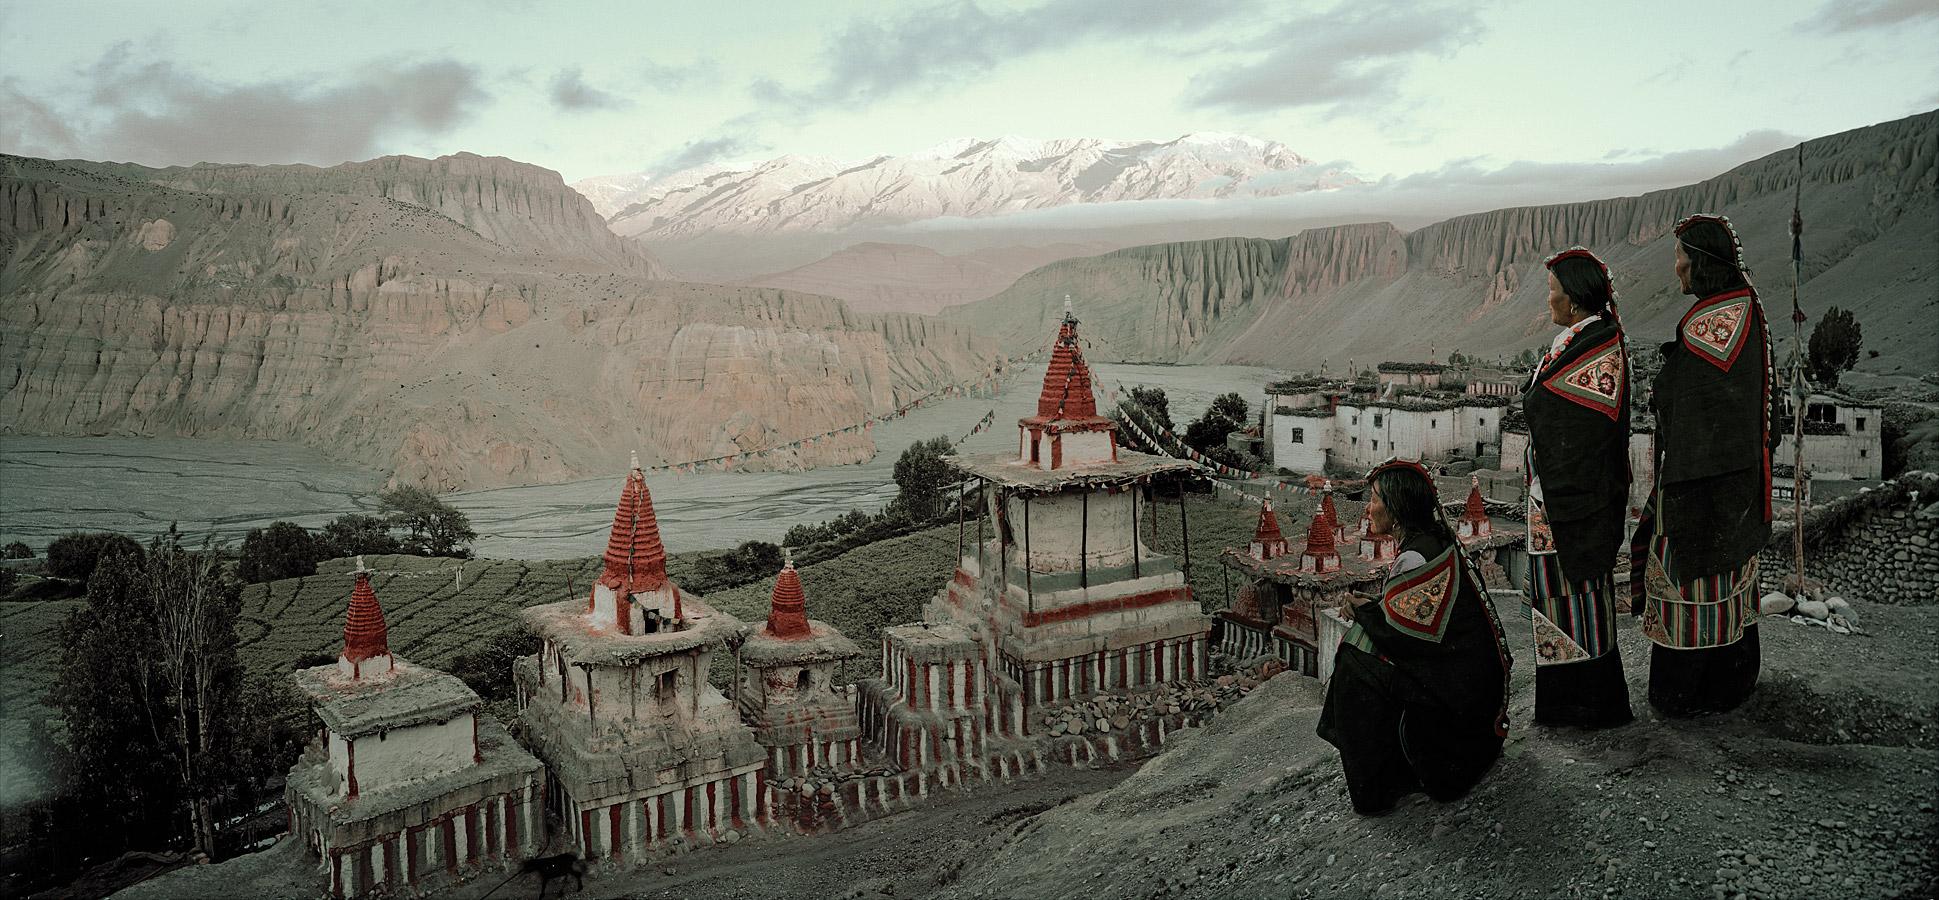 Lopa of Nepal